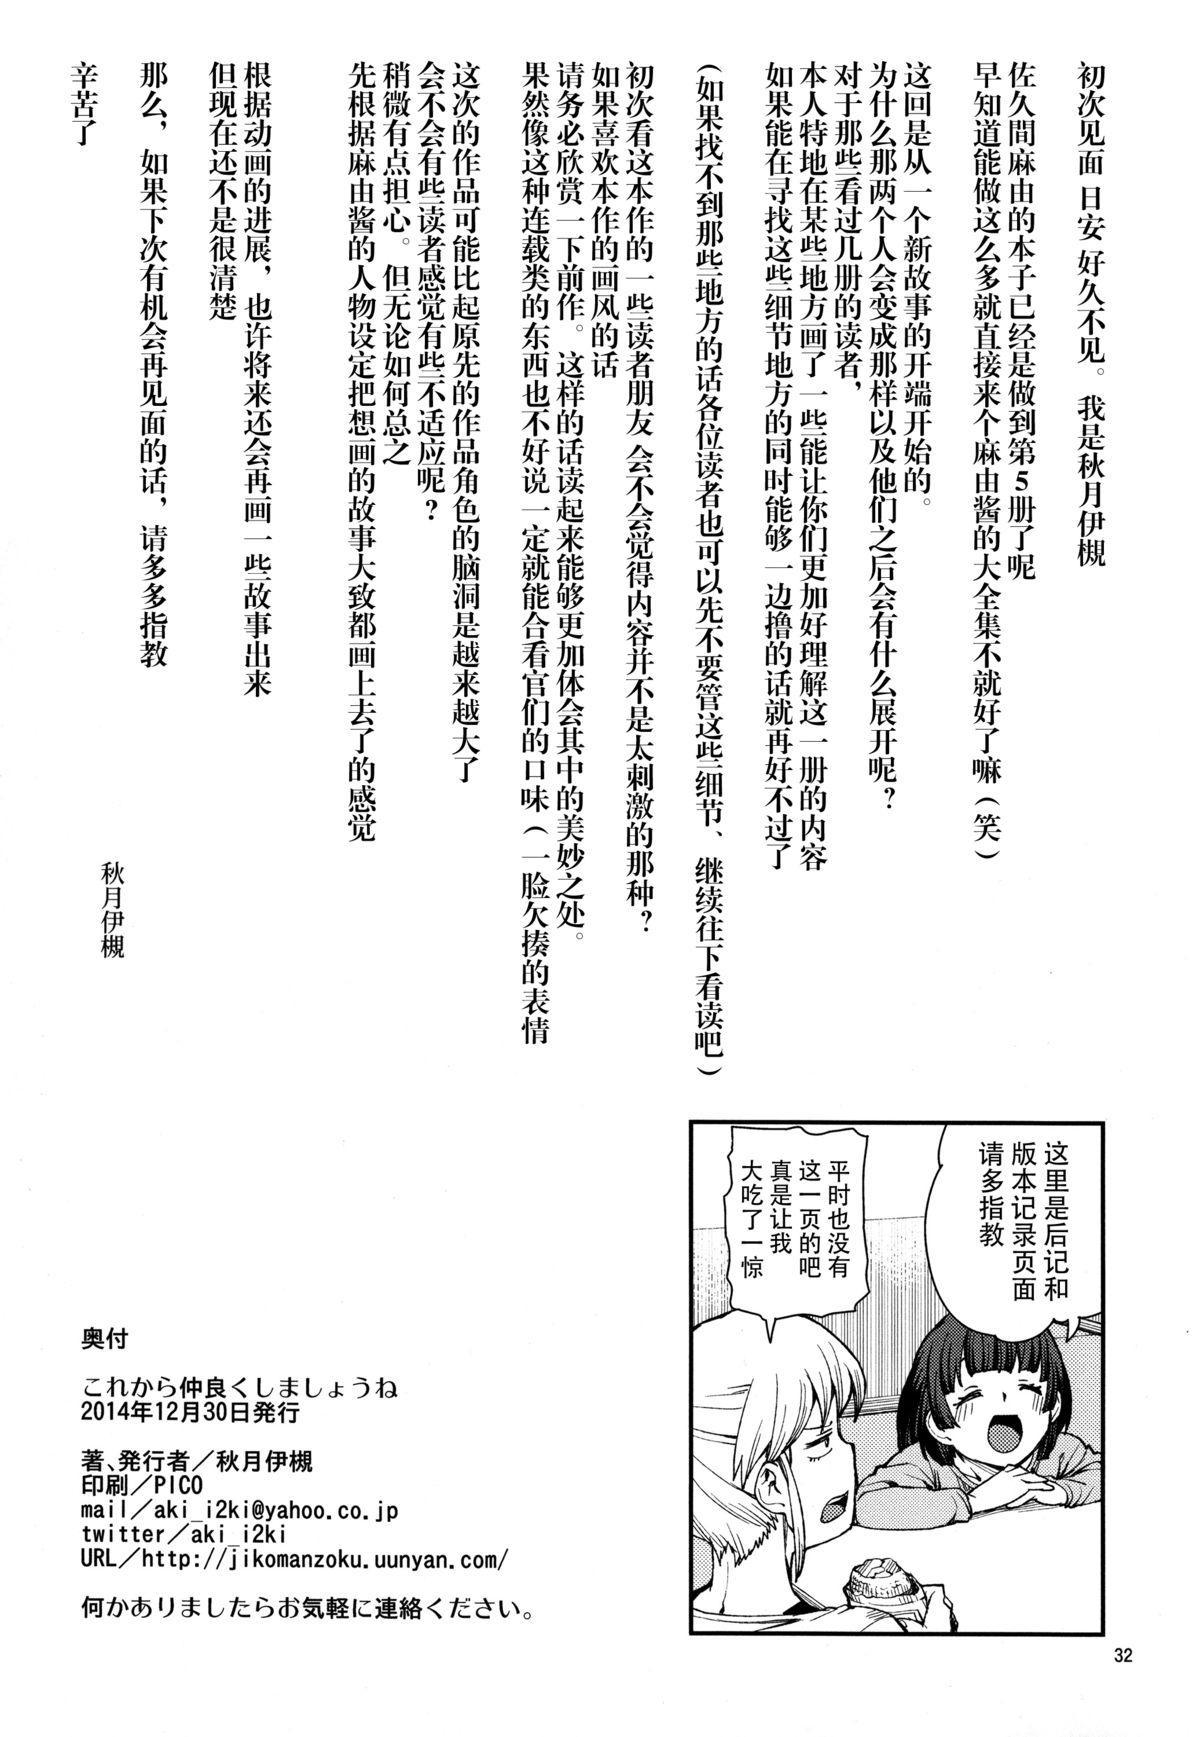 Korekara Nakyoku Shimashou ne 32